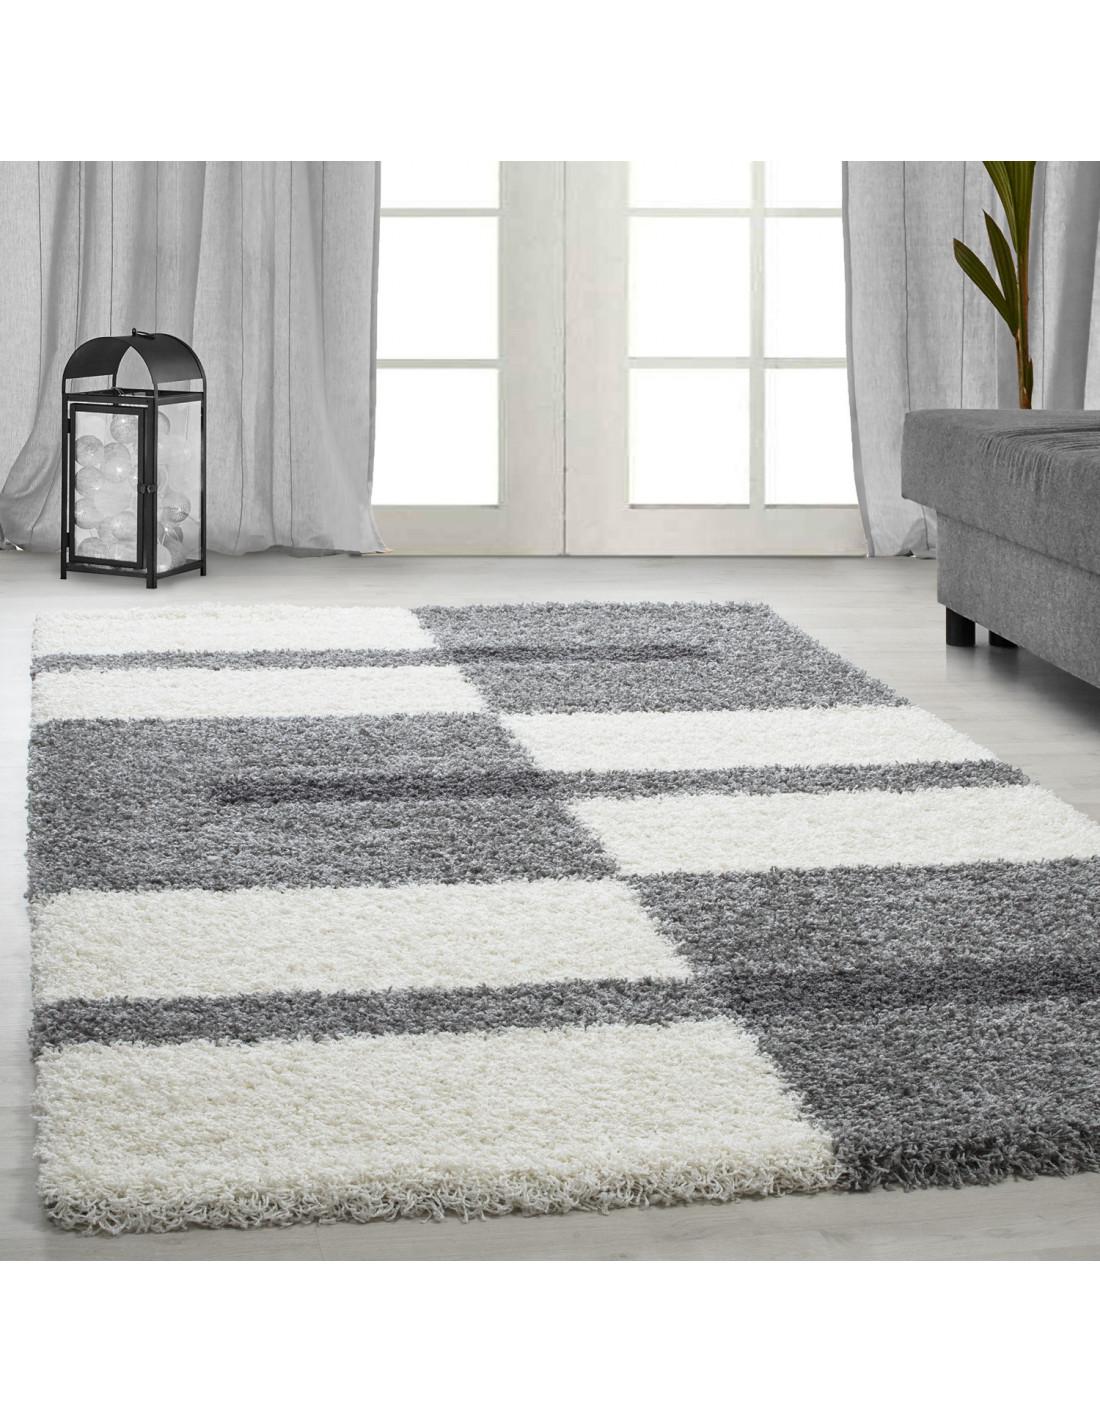 Shaggy carpet pile height 3cm gray-white-light gray